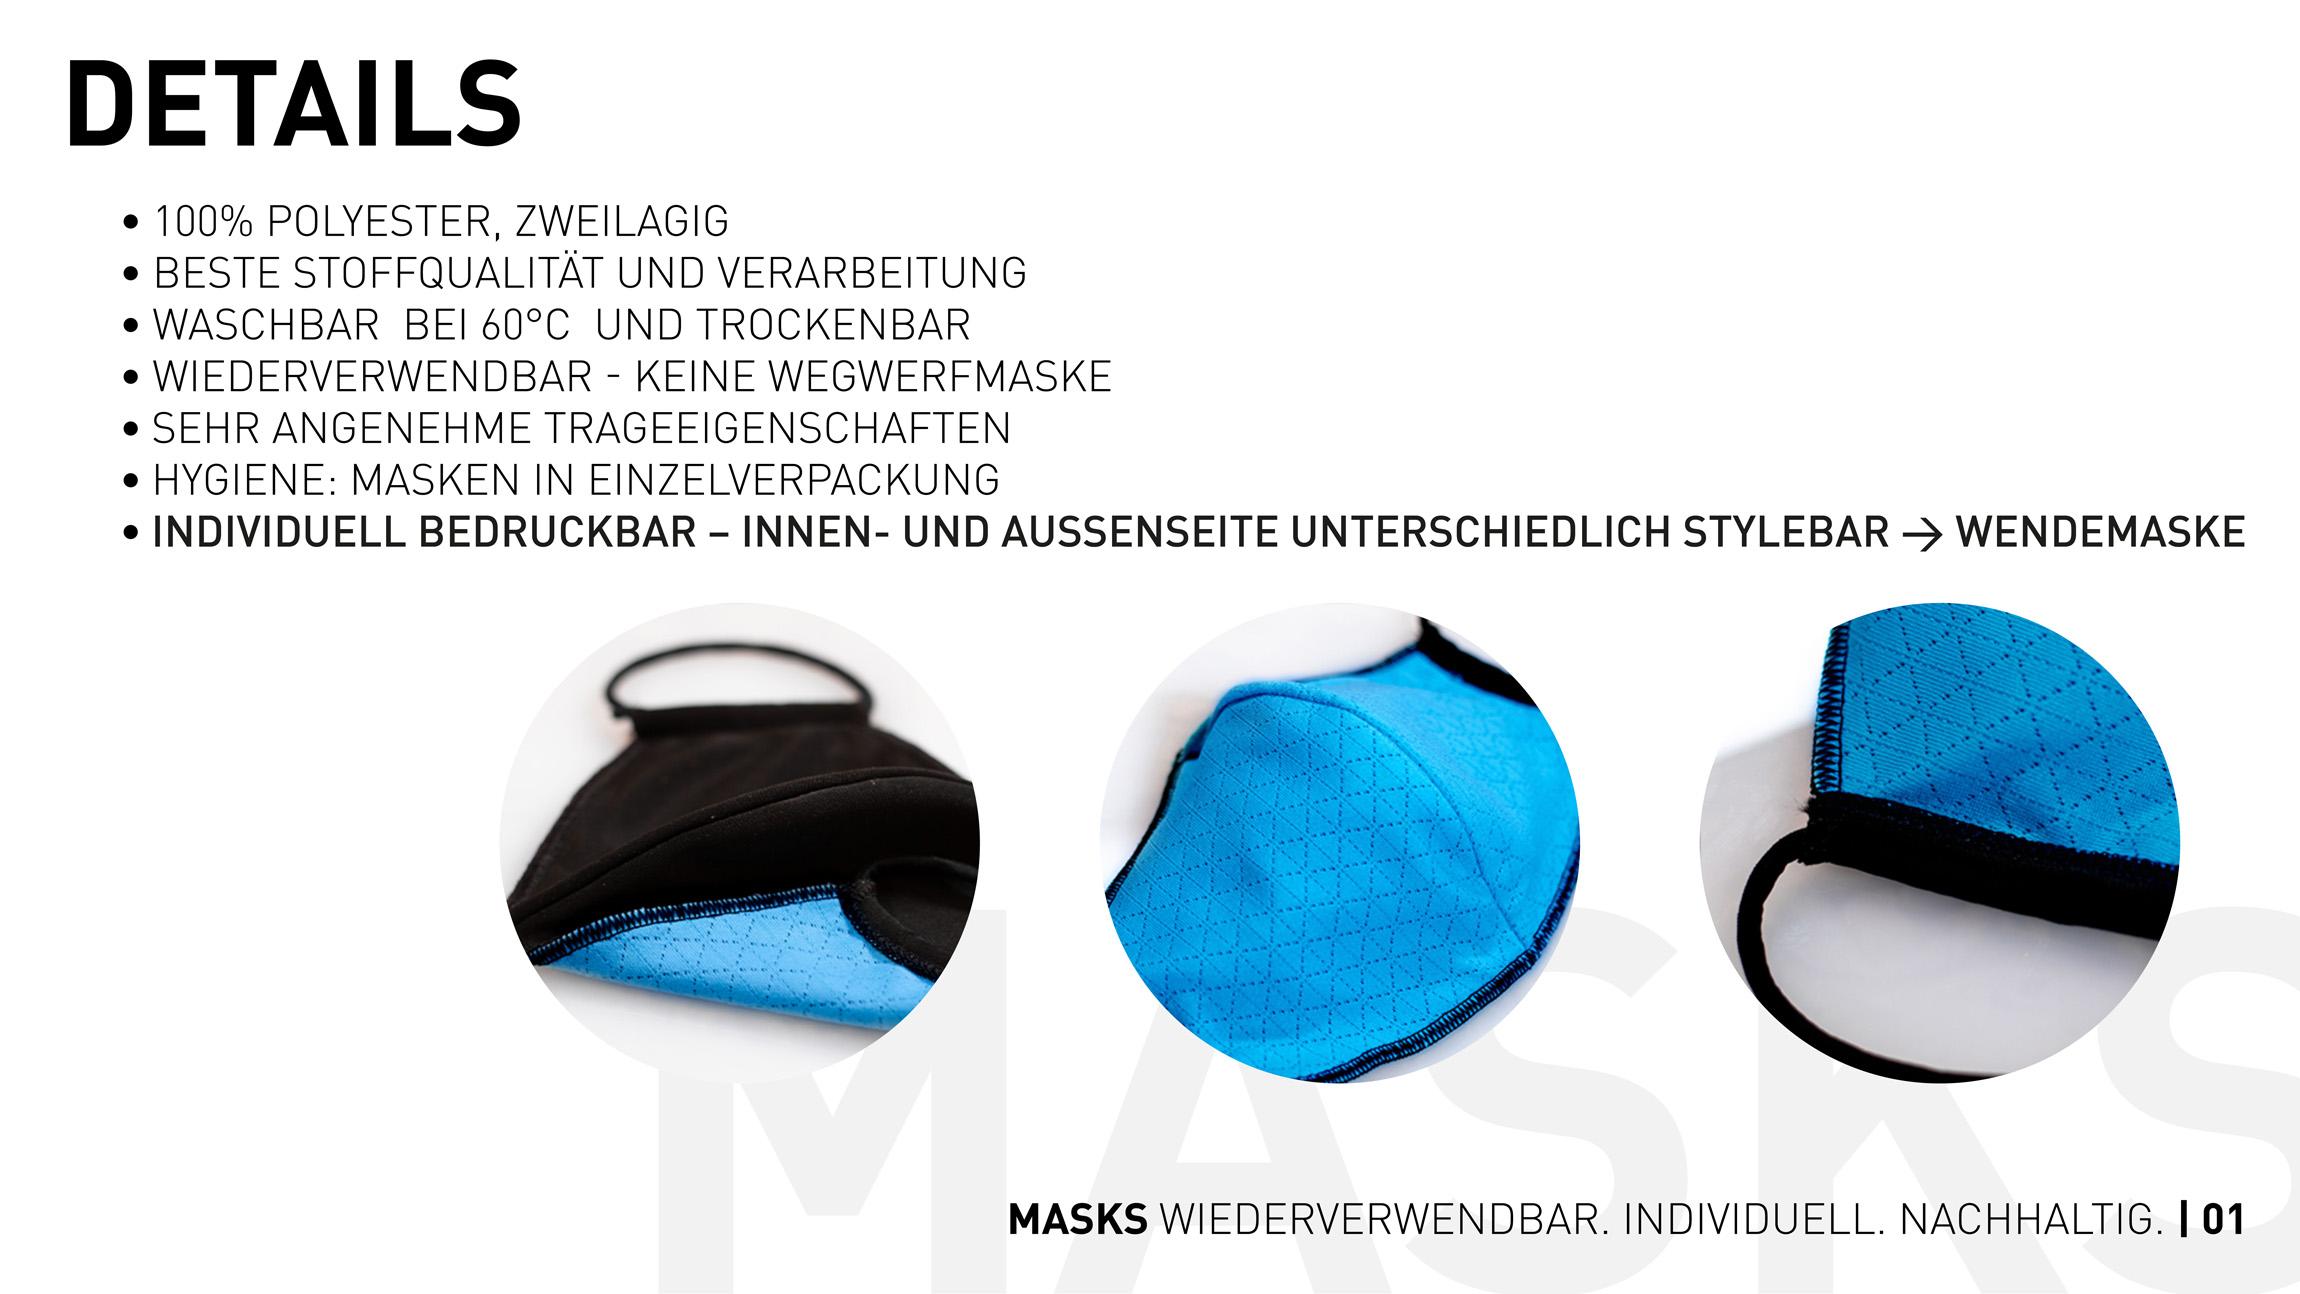 personalisierte-stoffmasken-seite2-081220